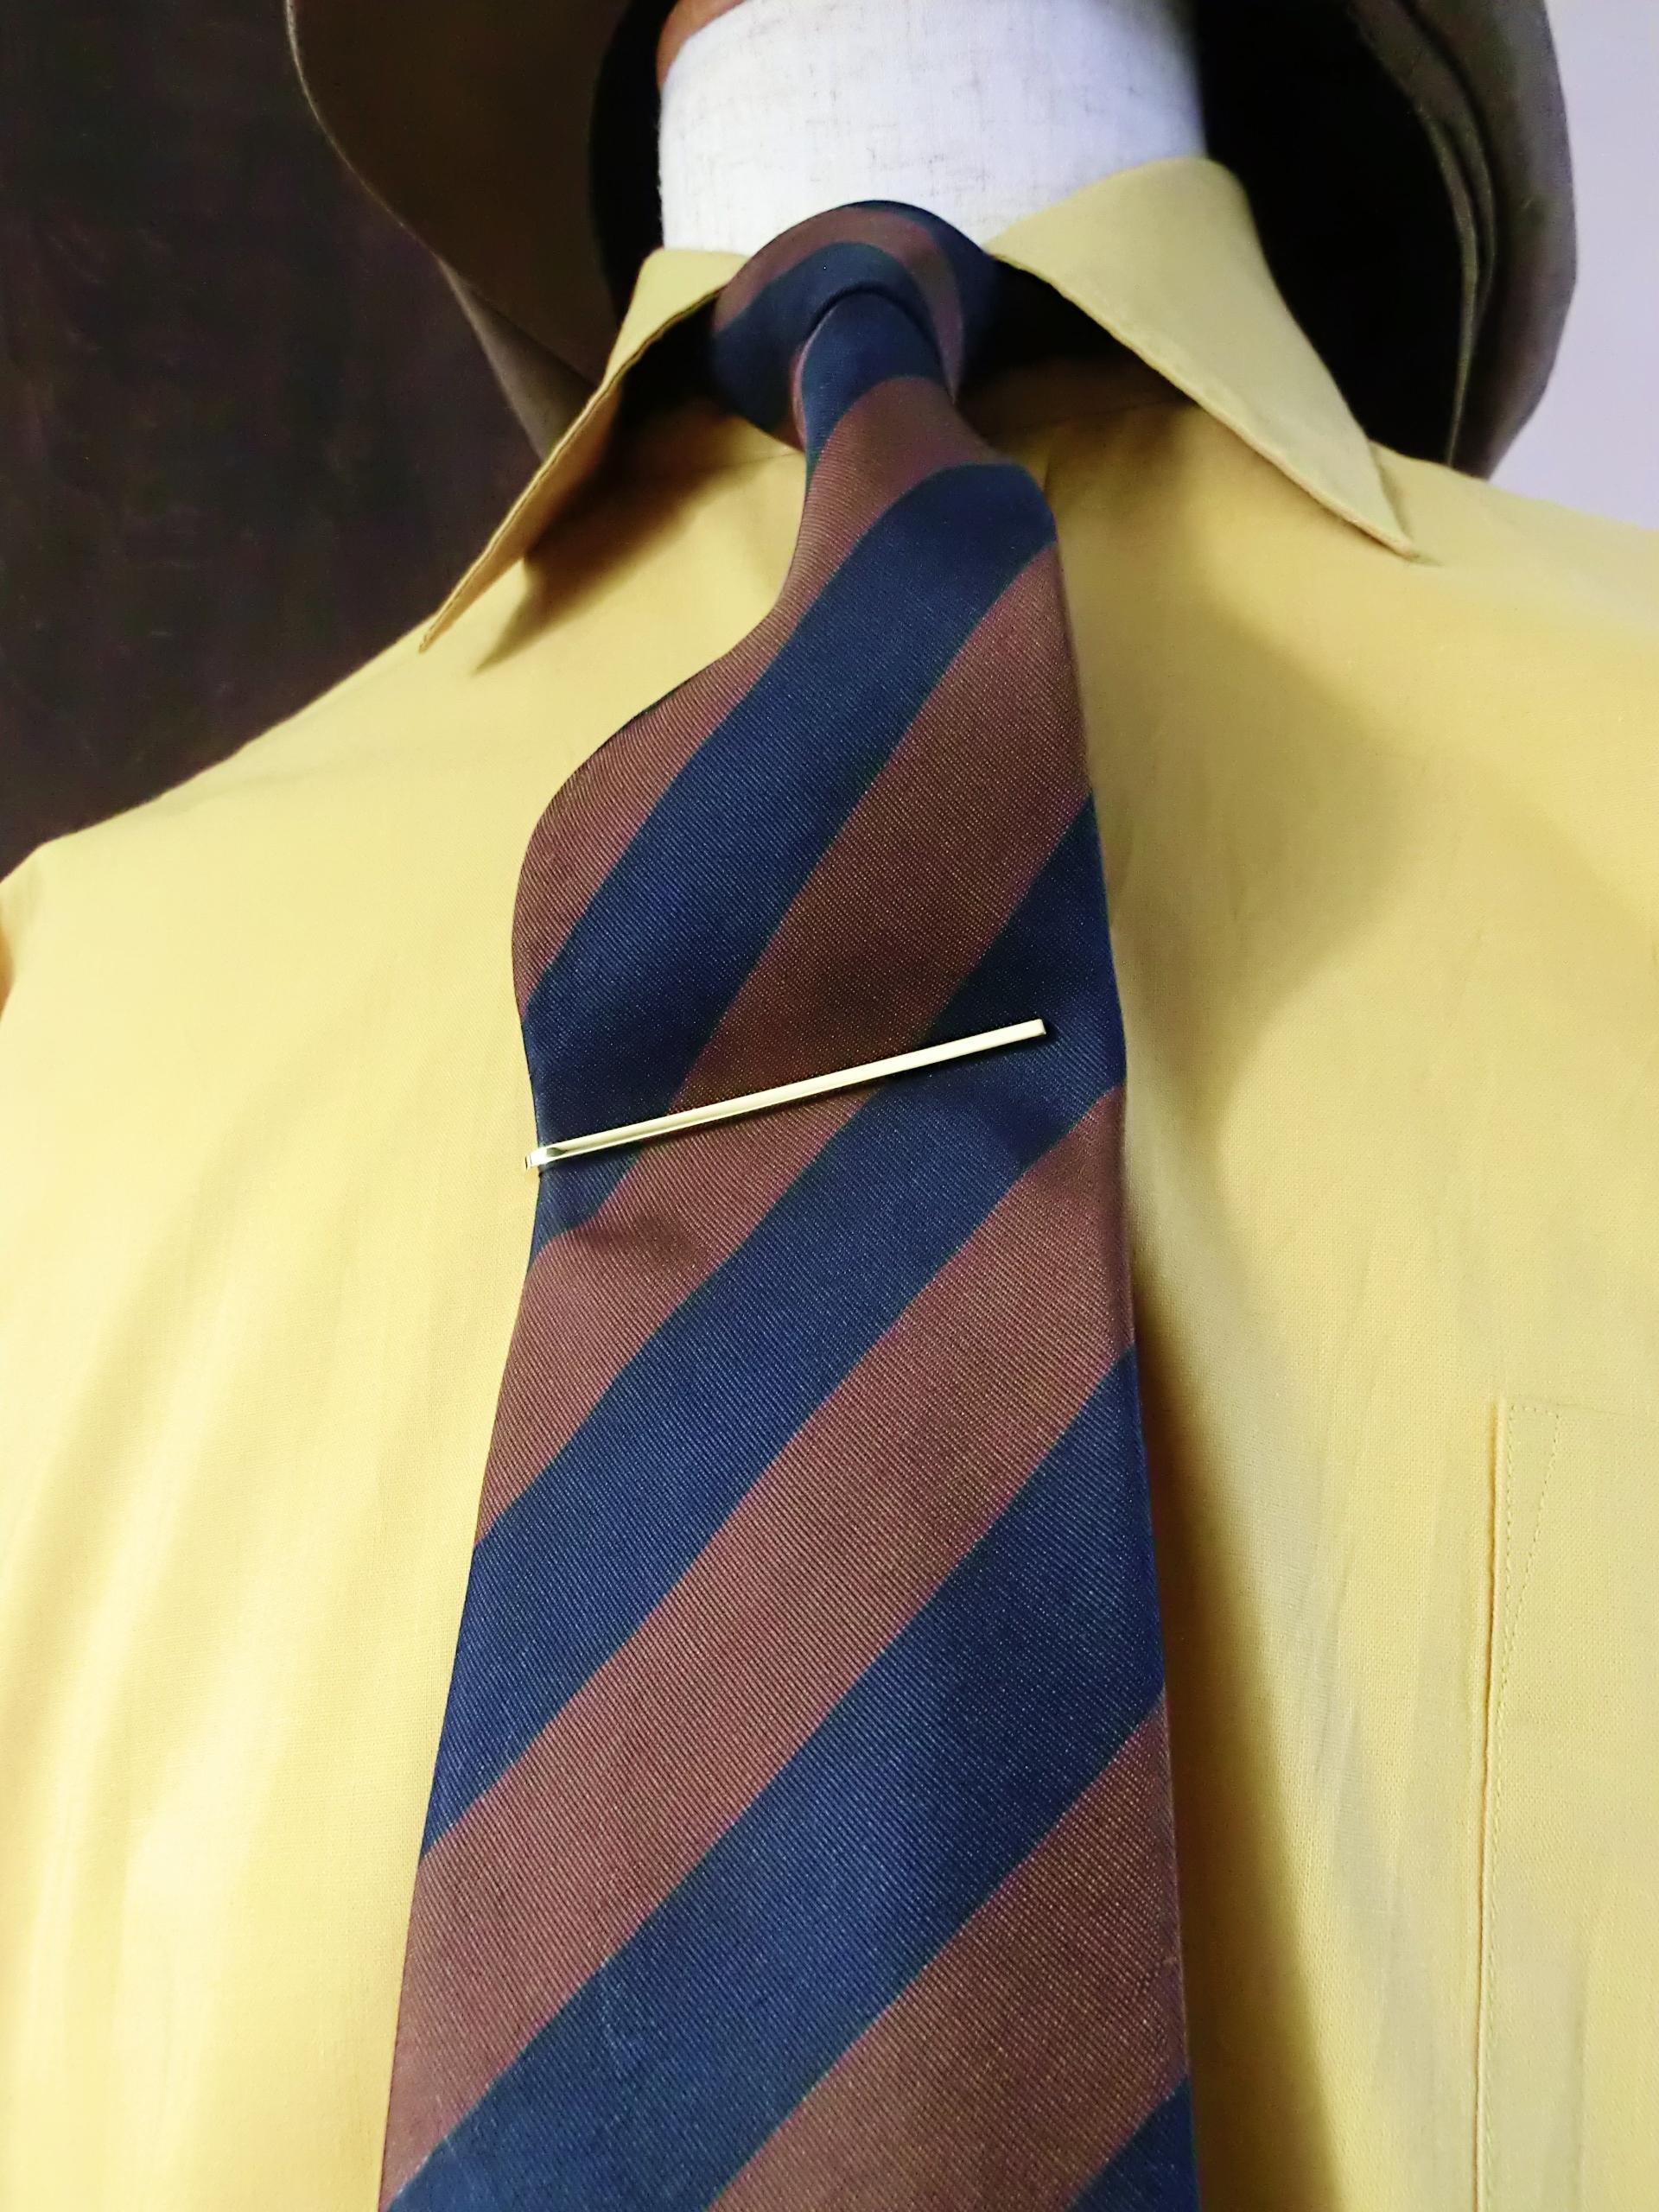 NARROW TIE SLIDE -Brass- ナローネクタイピン 真鍮製